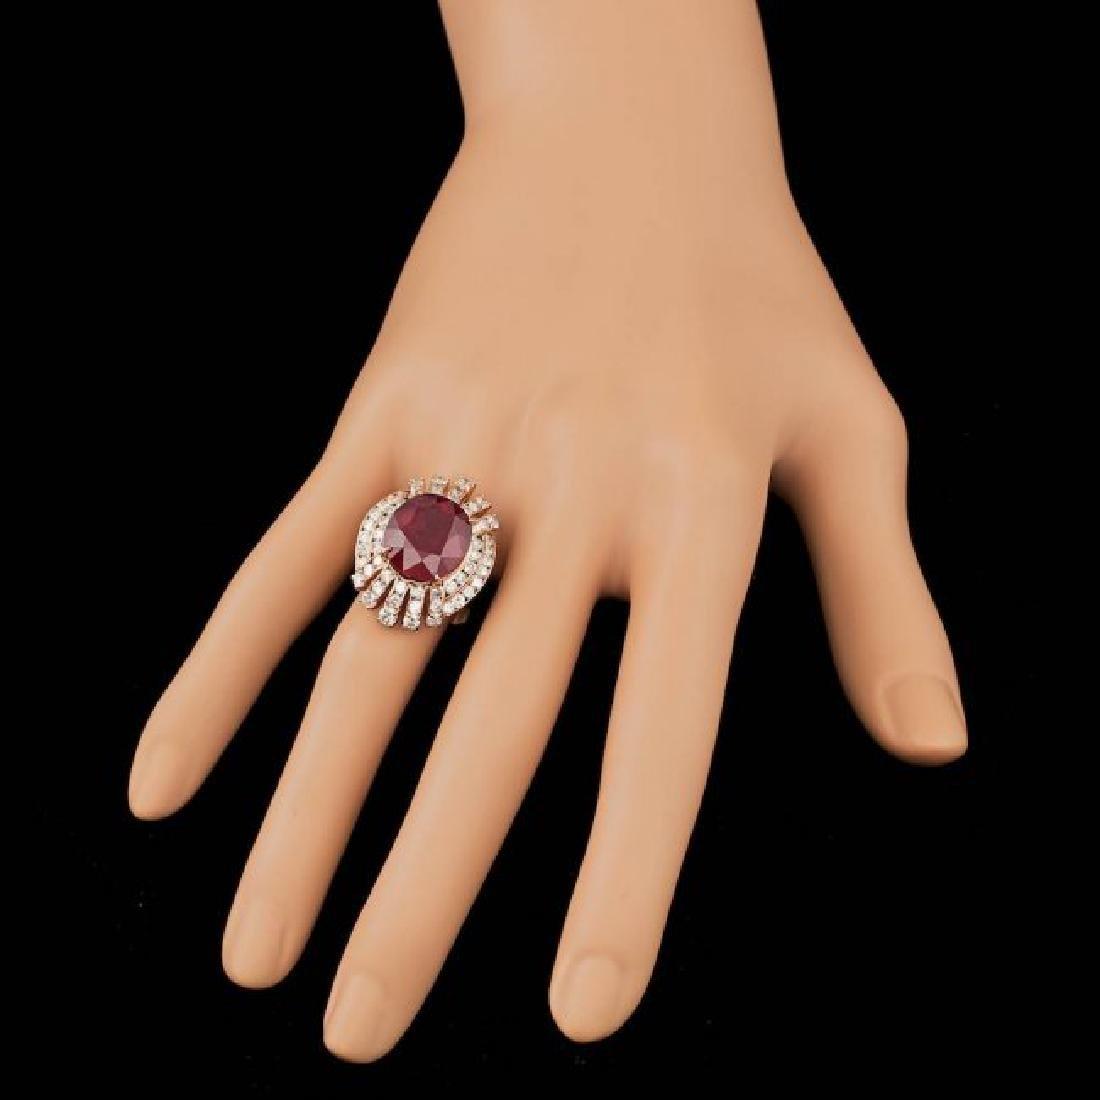 14k Rose Gold 11.00ct Ruby 2.10ct Diamond Ring - 4